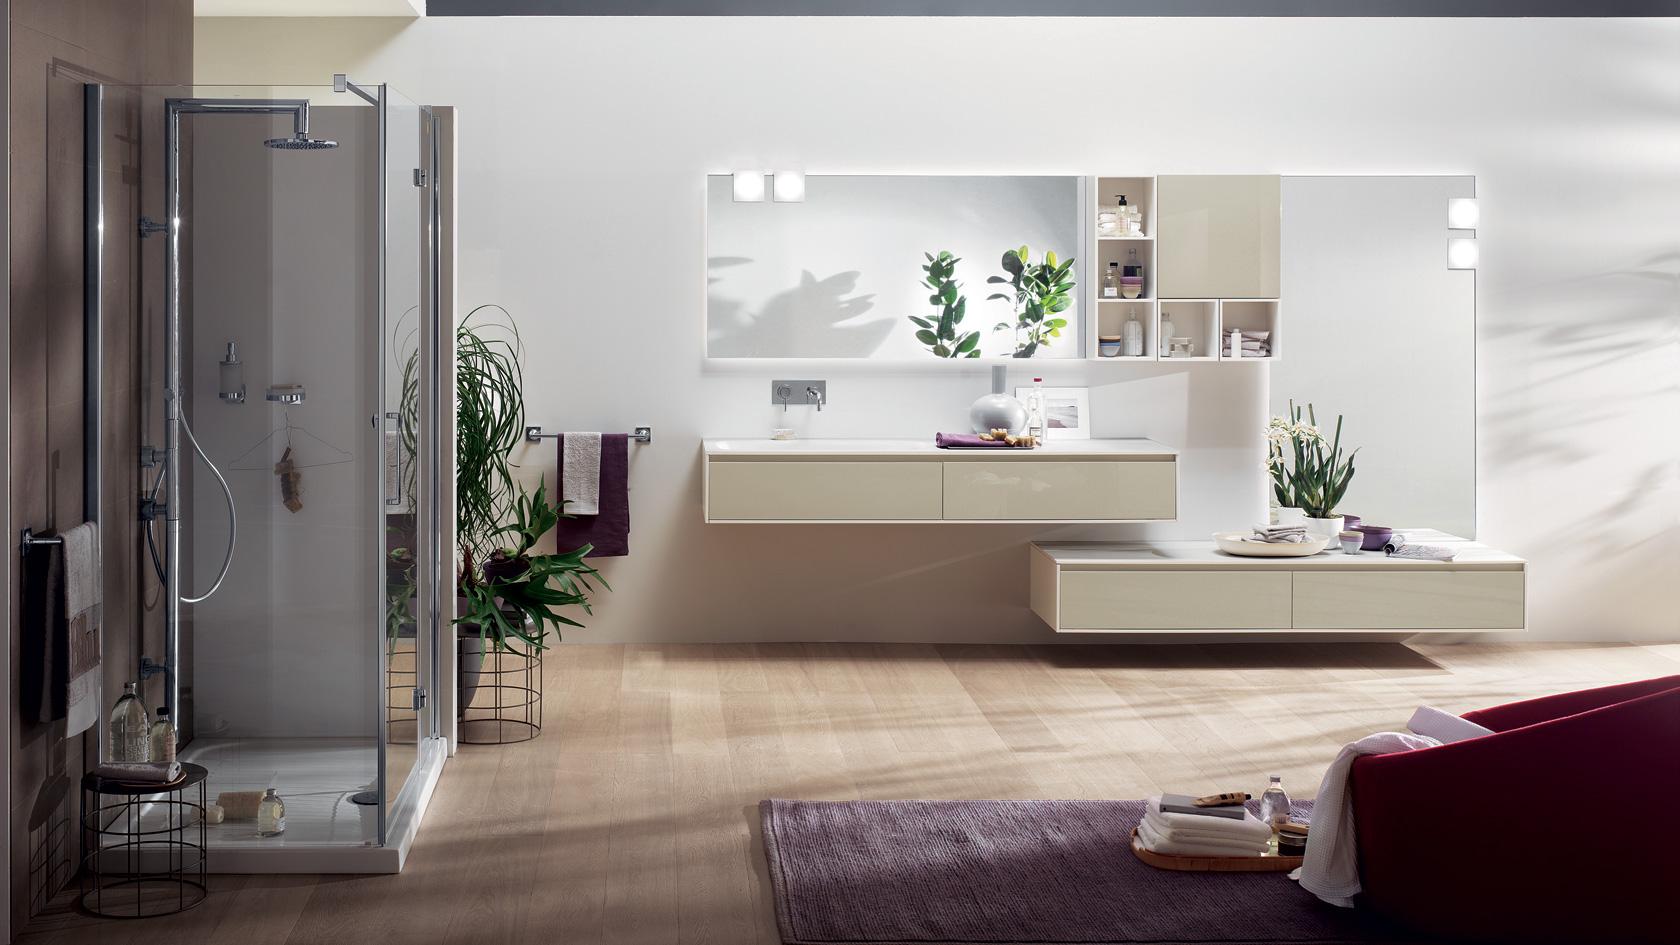 Vasca Da Bagno Scavolini Prezzo : Scavolini bathrooms bagno italiano